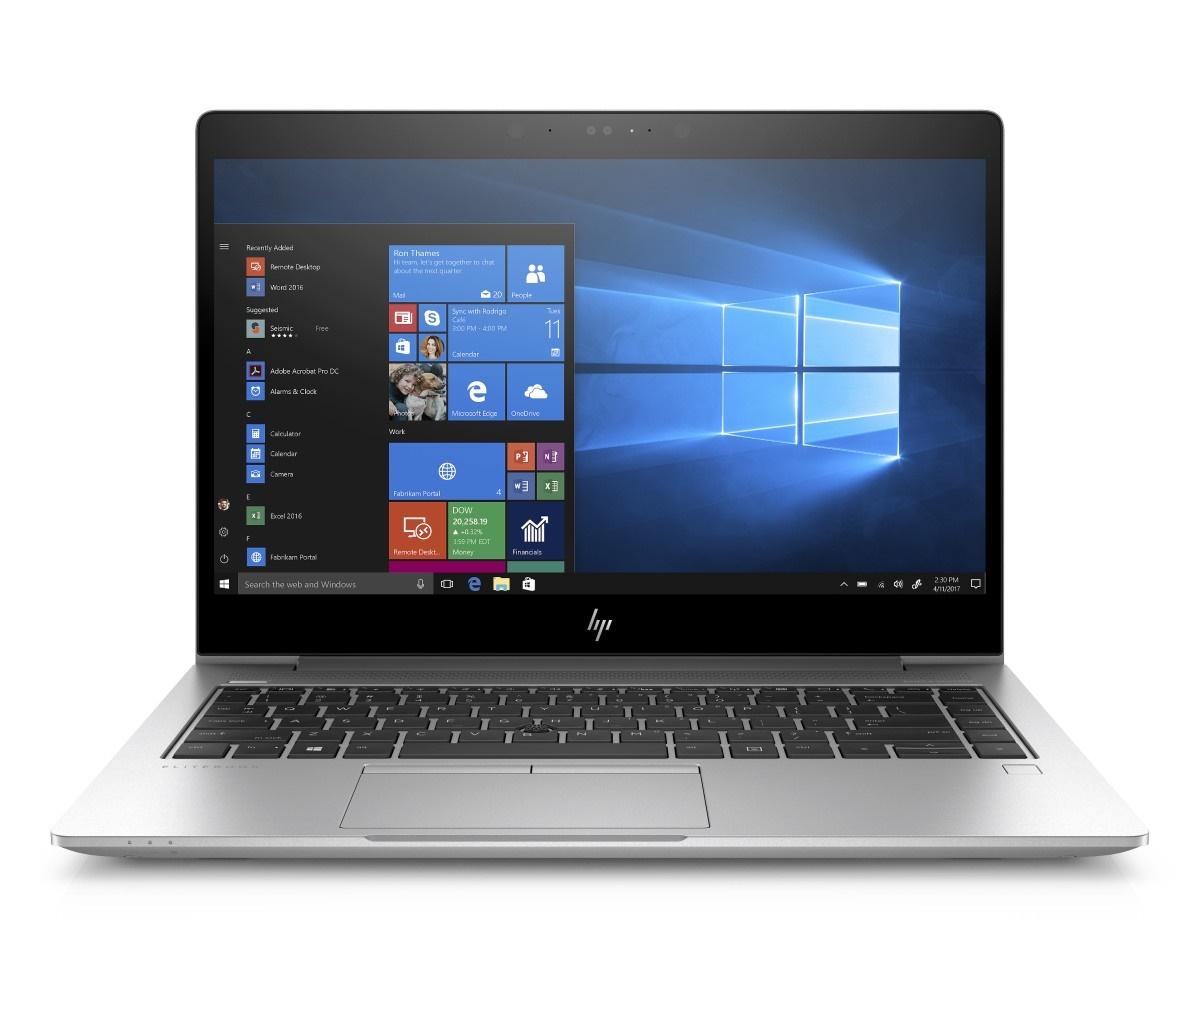 HP EliteBook 840 G5 i7-8550U 14 FHD UWVA IR CAM, 16GB, 512GB SSD PCIe NVMe, ac, BT, WWAN, FpR, backlit kbd, Win10Pro